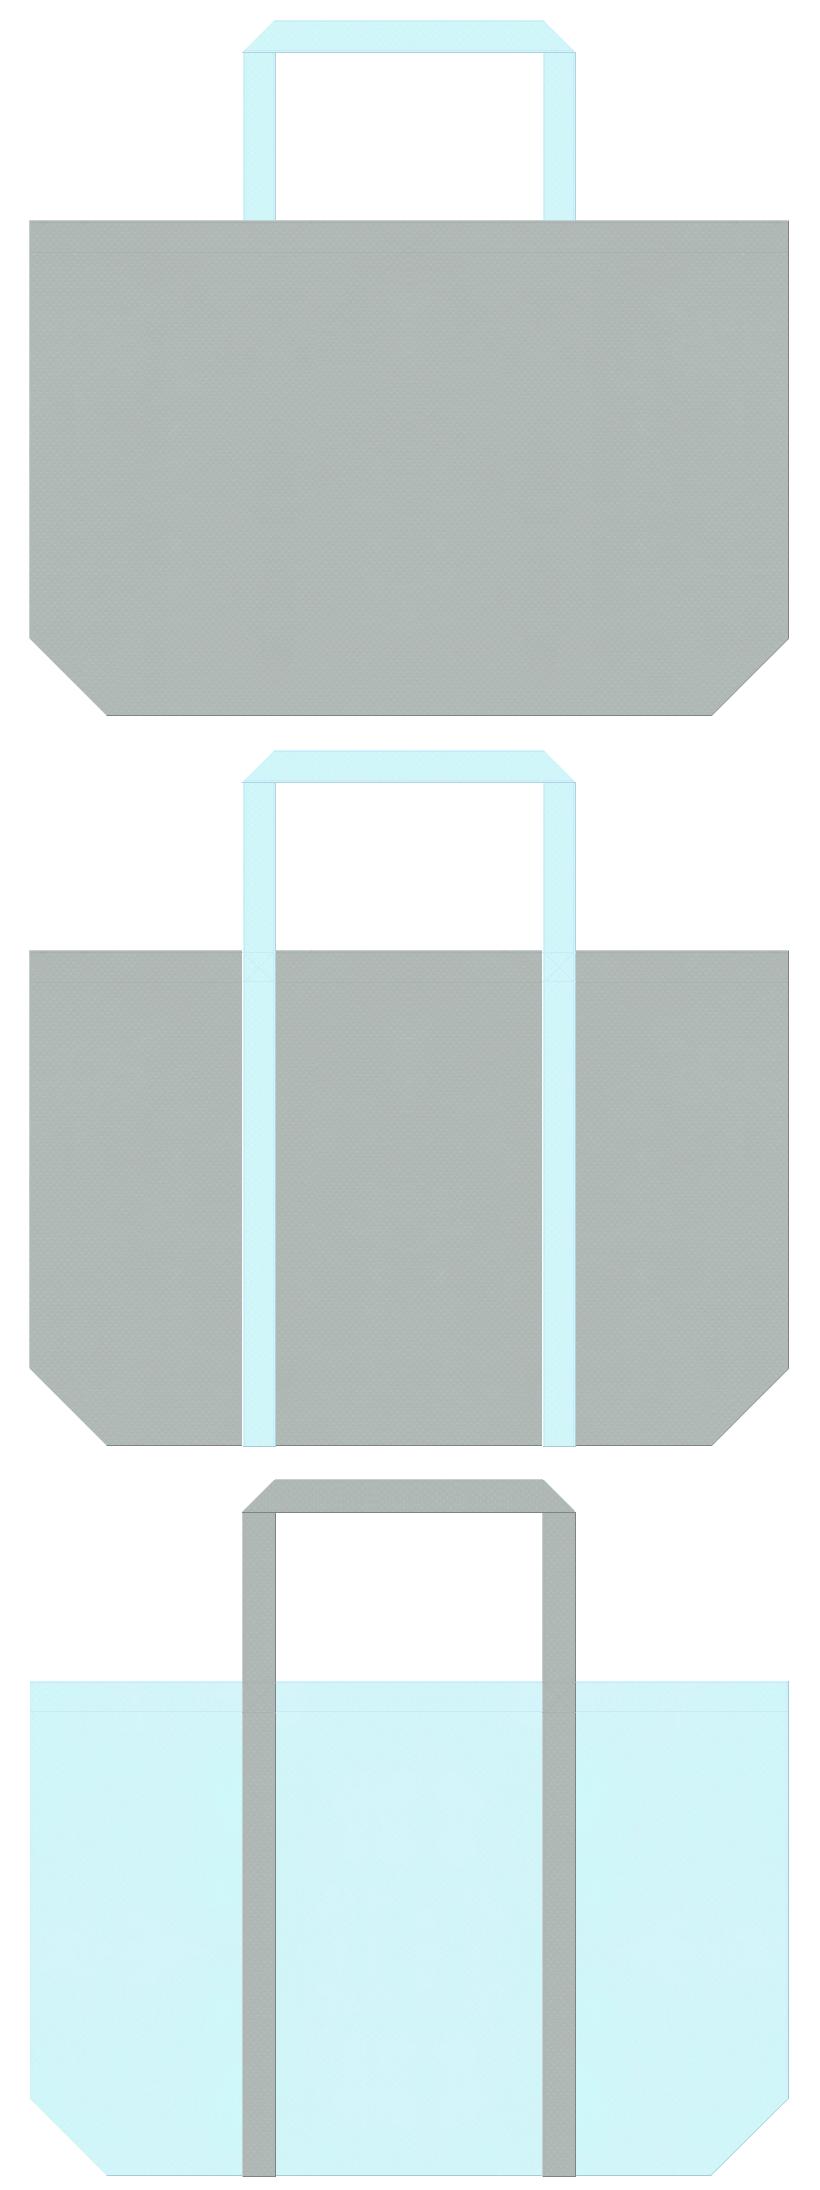 グレー色と水色の不織布エコバッグのデザイン。